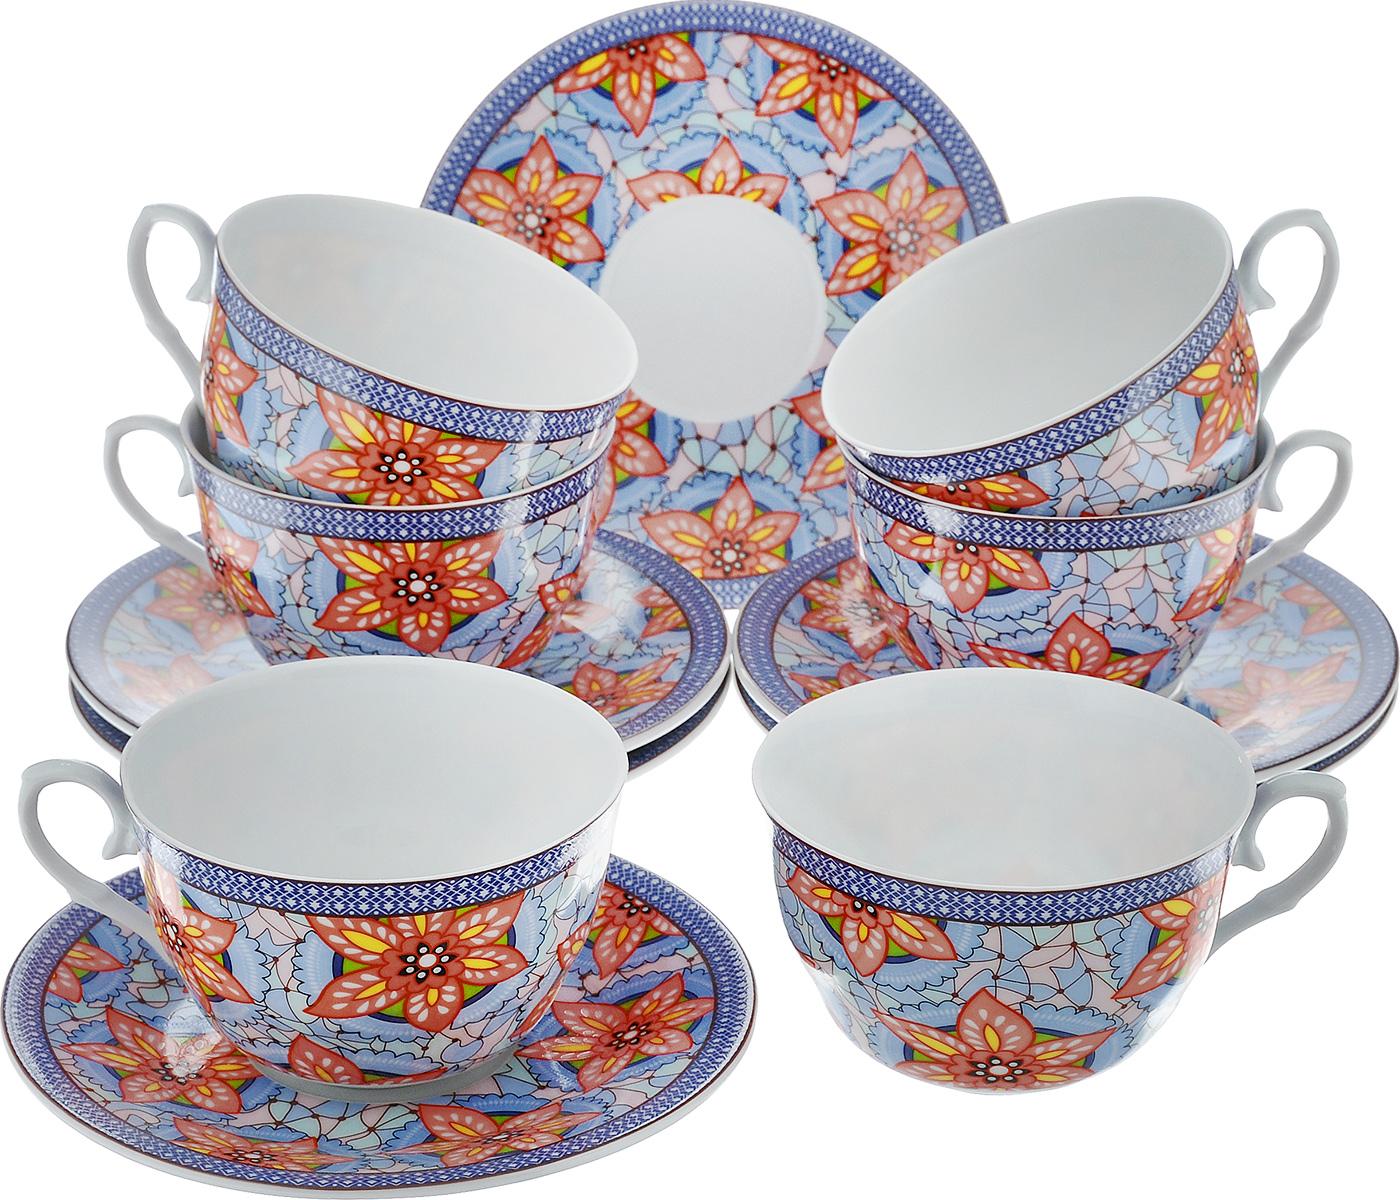 Чайный набор LarangE Витраж, цвет: голубой, персиковый, 12 предметовVT-1520(SR)Чайный набор LarangE Витраж состоит из шести чашек и шести блюдец,изготовленных из фарфора. Предметы набора оформленыизящным ярким рисунком.Чайный набор LarangE Витраж украсит ваш кухонный стол, а такжестанет замечательным подарком друзьям и близким.Объем чашки: 250 мл.Диаметр чашки по верхнему краю: 9 см.Высота чашки: 6 см.Диаметр блюдца: 14,5 см.